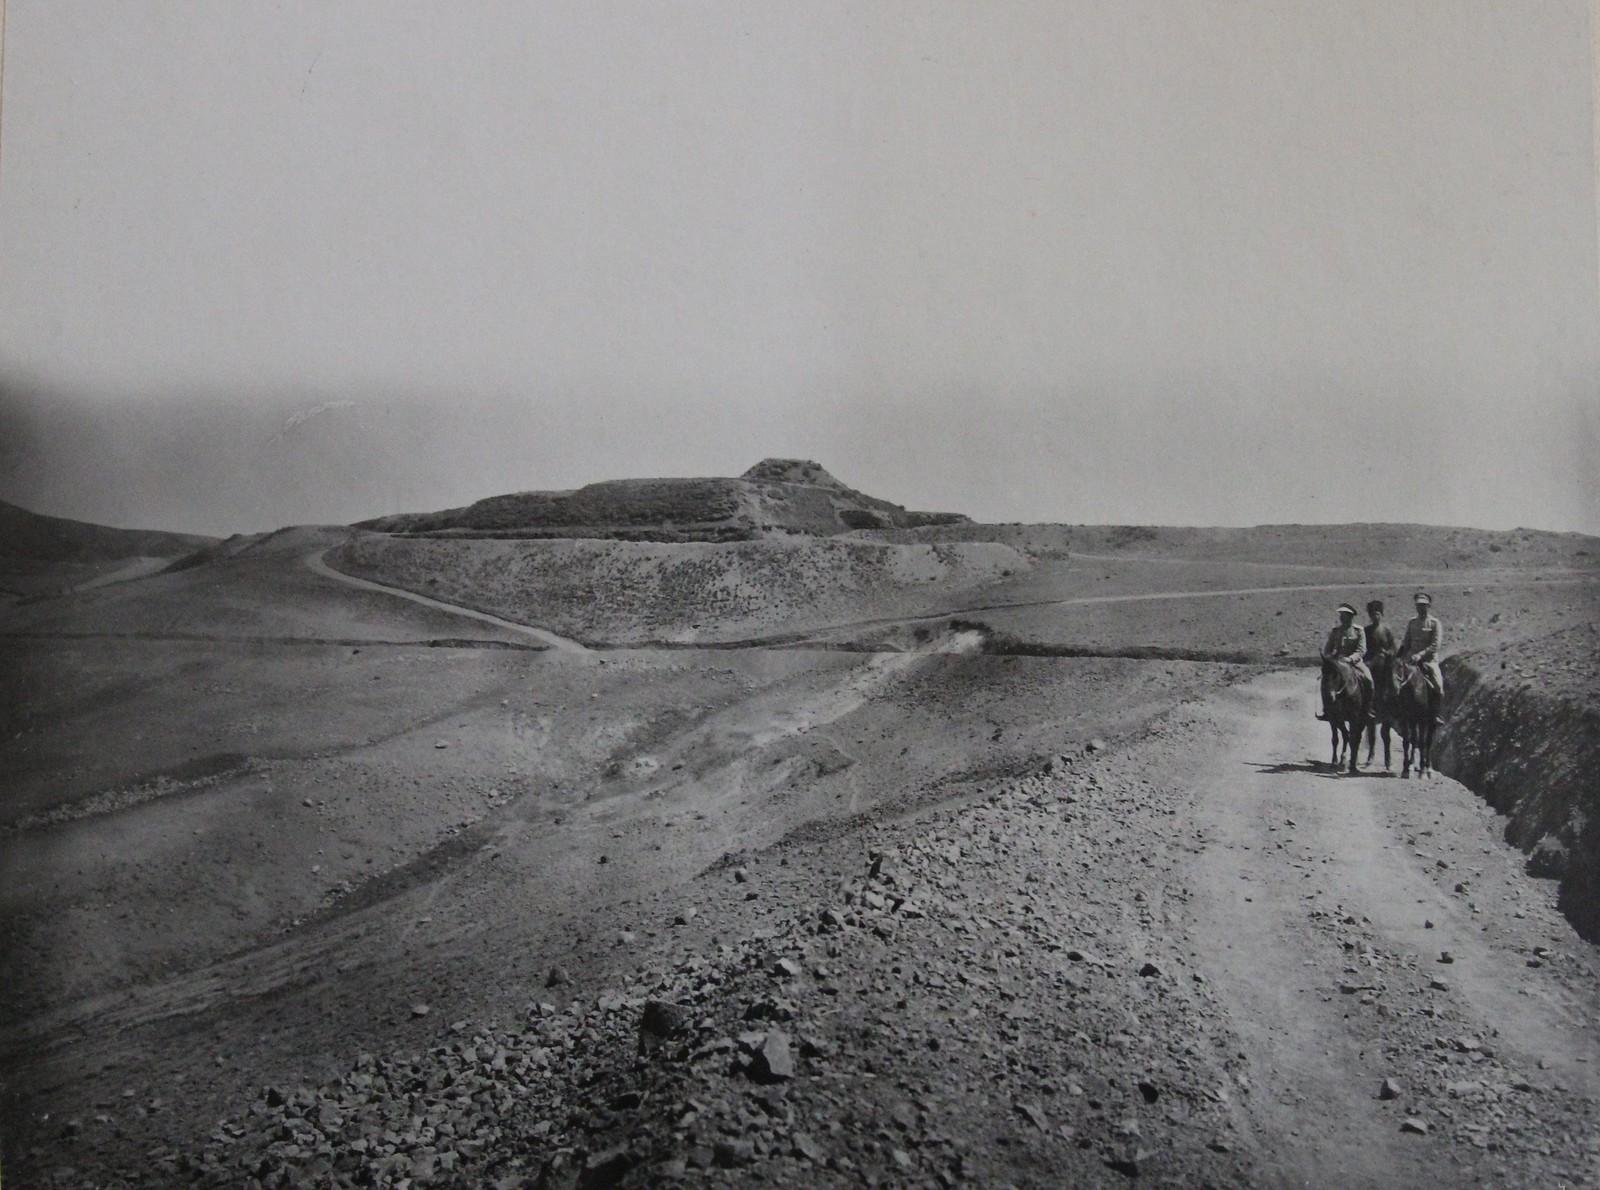 Вид на форт «Западный», бывший турецкий западный палантекенский форт, приспособленный для обороны в составе новой укреплённой позиции